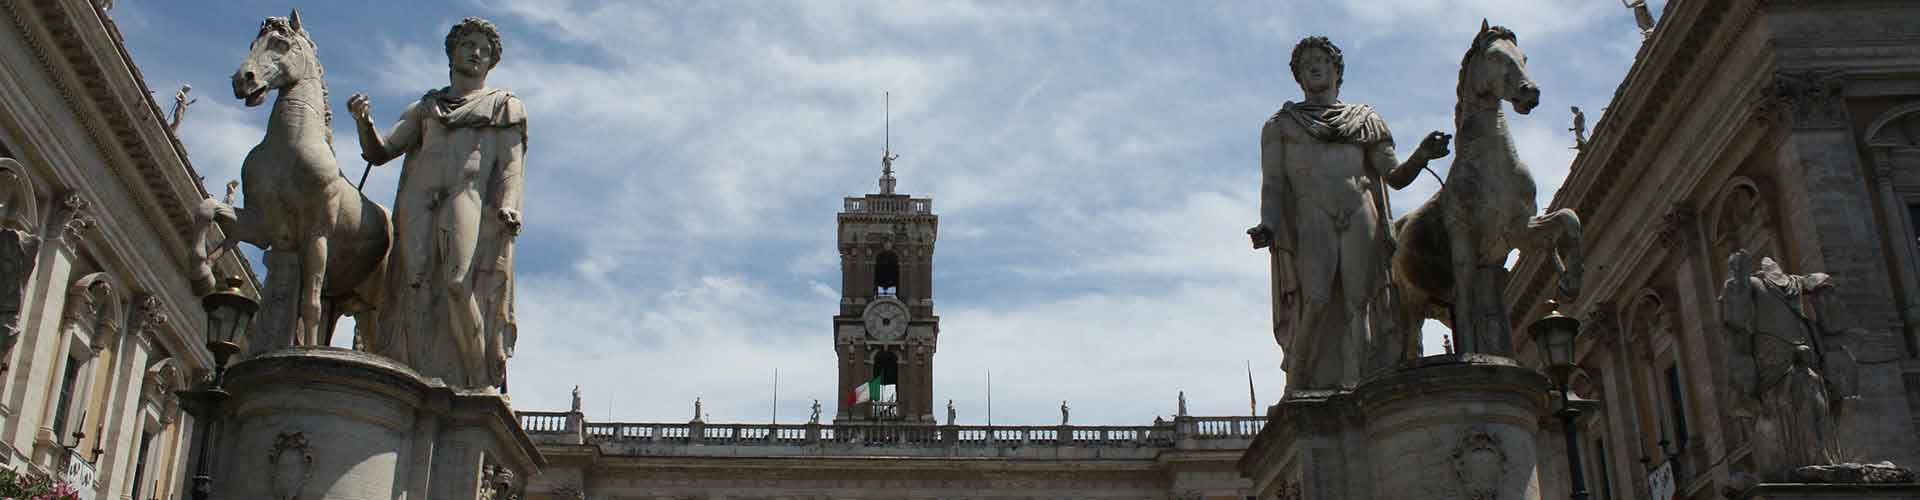 Rom – Hostels in der Nähe von Piazza del Campidoglio mit Kapitolinischen Museen. Rom auf der Karte. Fotos und Bewertungen für jedes Hostel in Rom.